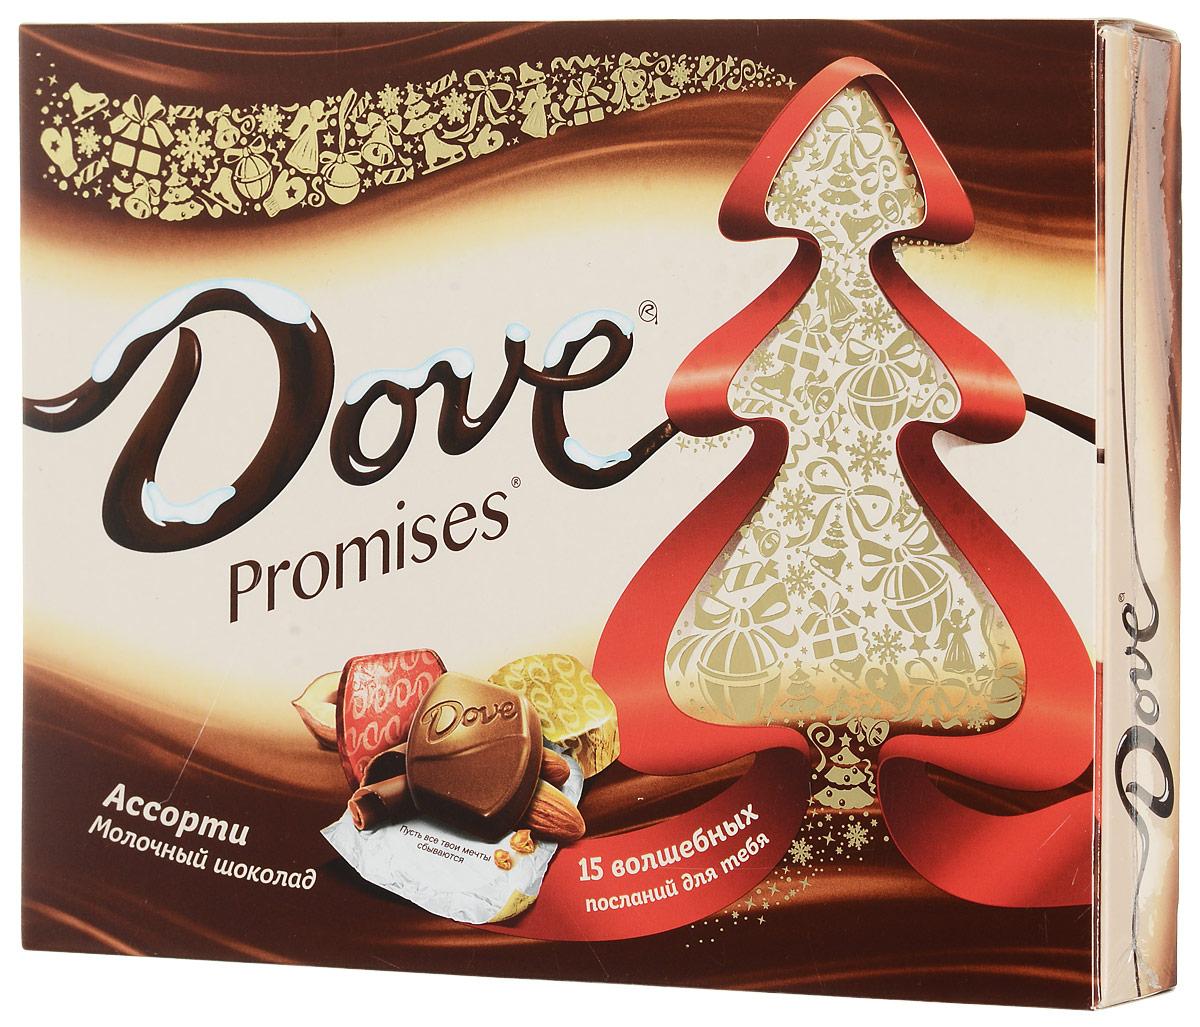 Dove Promises Ассорти молочный шоколад, 118 г купальники гимнастические galla купальник